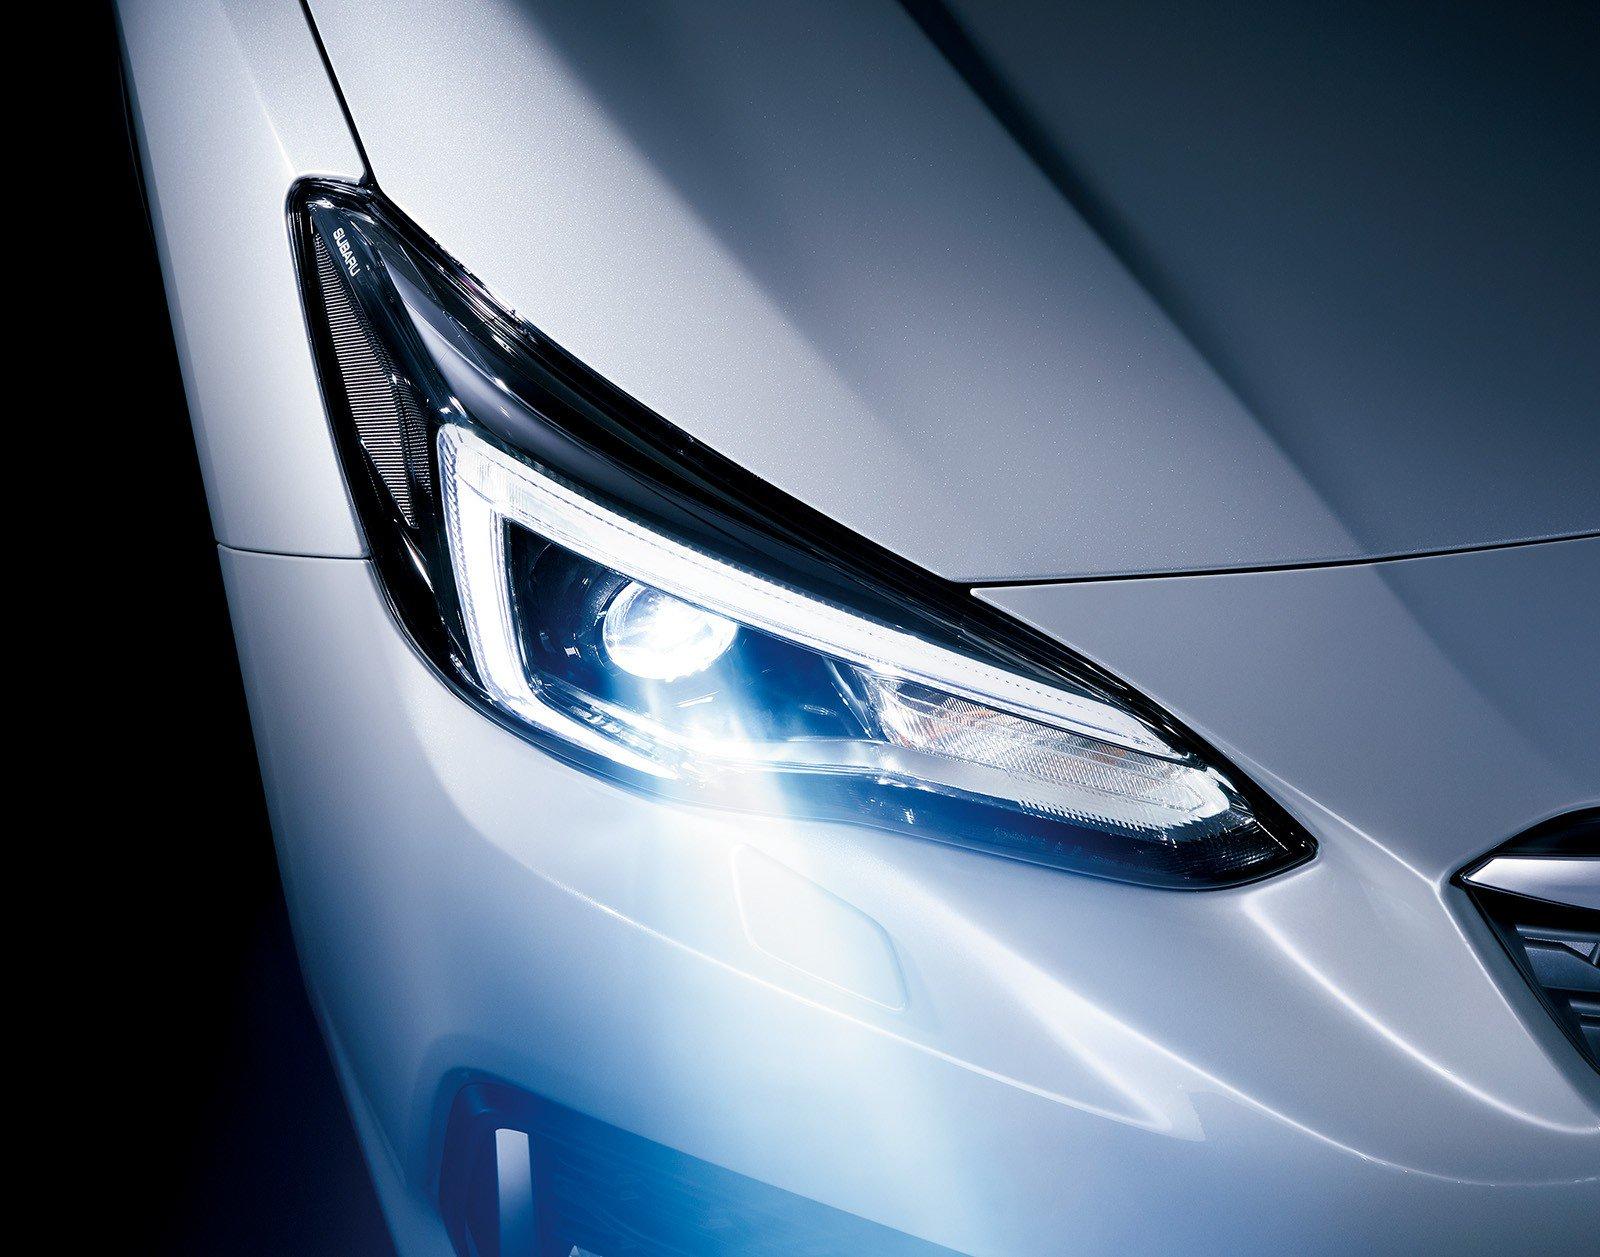 Subaru-Impreza-facelift-2